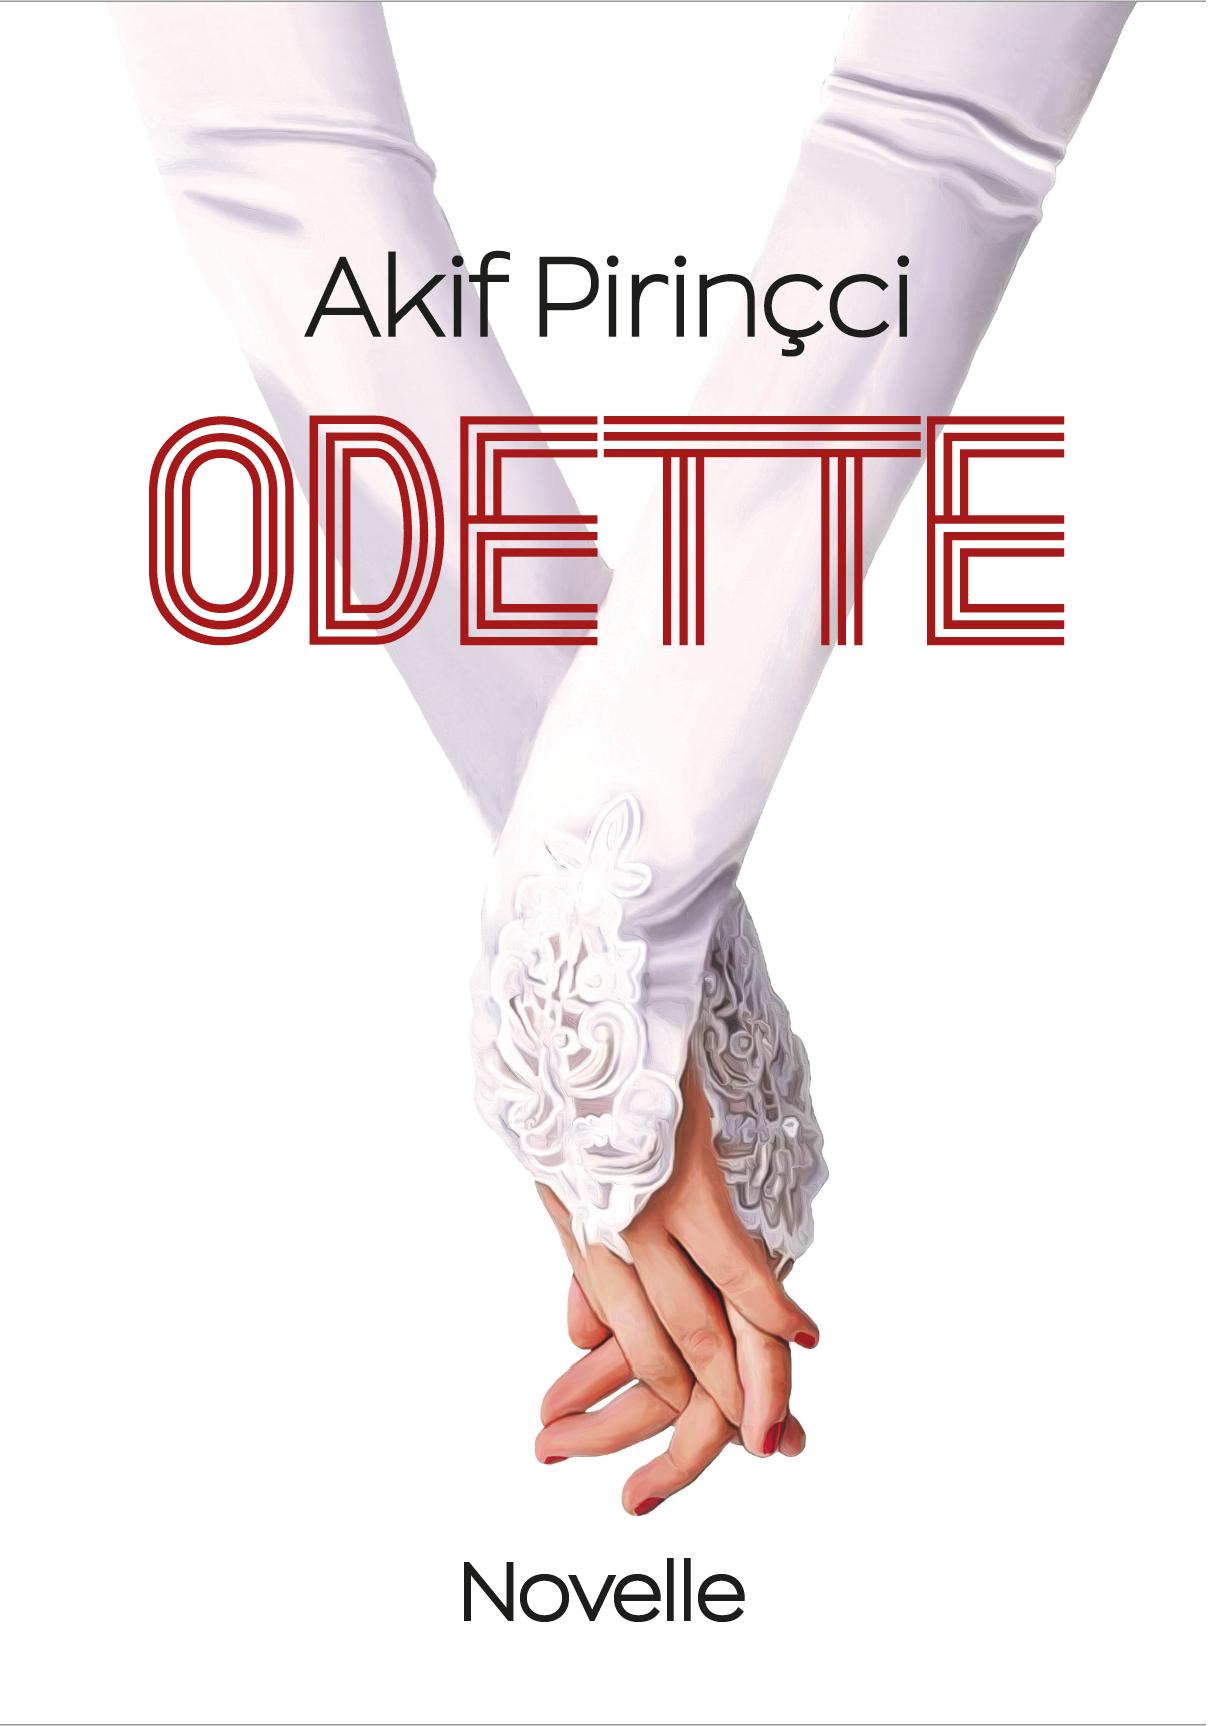 Akif Pirinccis neues Buch Odette